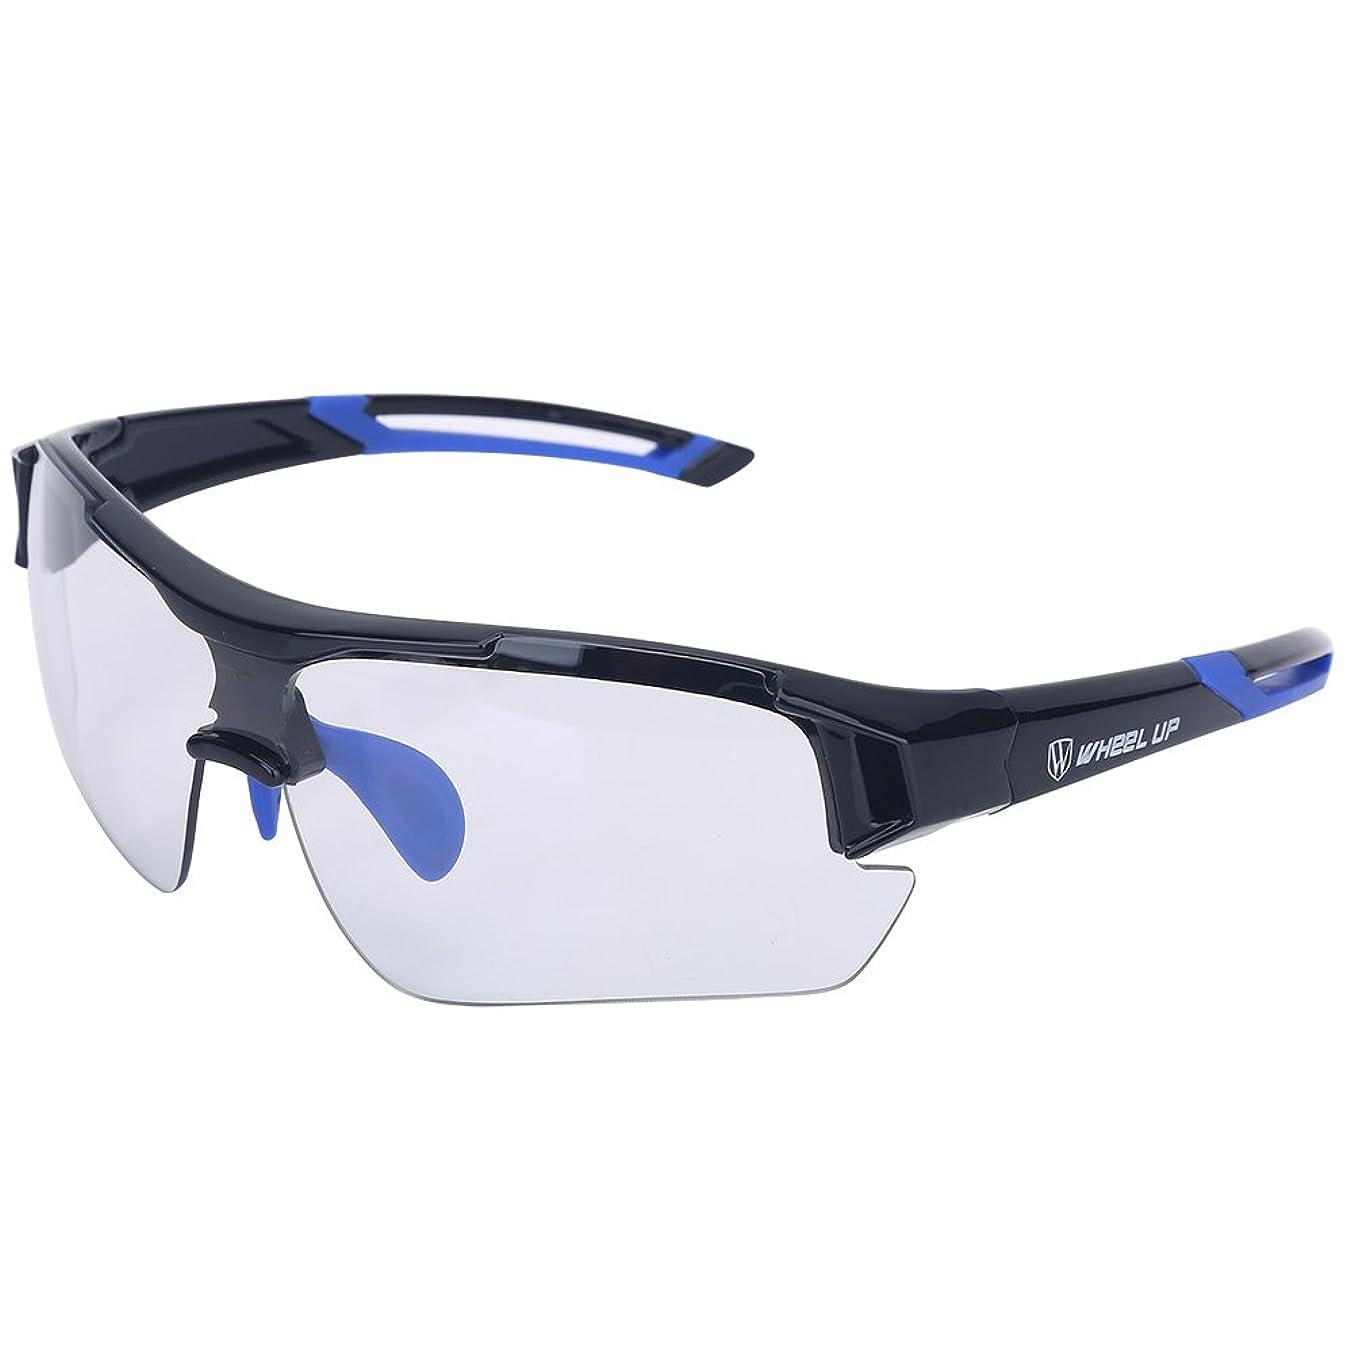 哺乳類バブル取り戻す男女兼用 フォトクロミックサングラス 防風 UV保護 バイク メガネ フォトクロミック安全メガネ 偏光 アウトドアスポーツ マウンテンサイクリング オートバイ運転 ハイキング 釣り用 (ブルー)